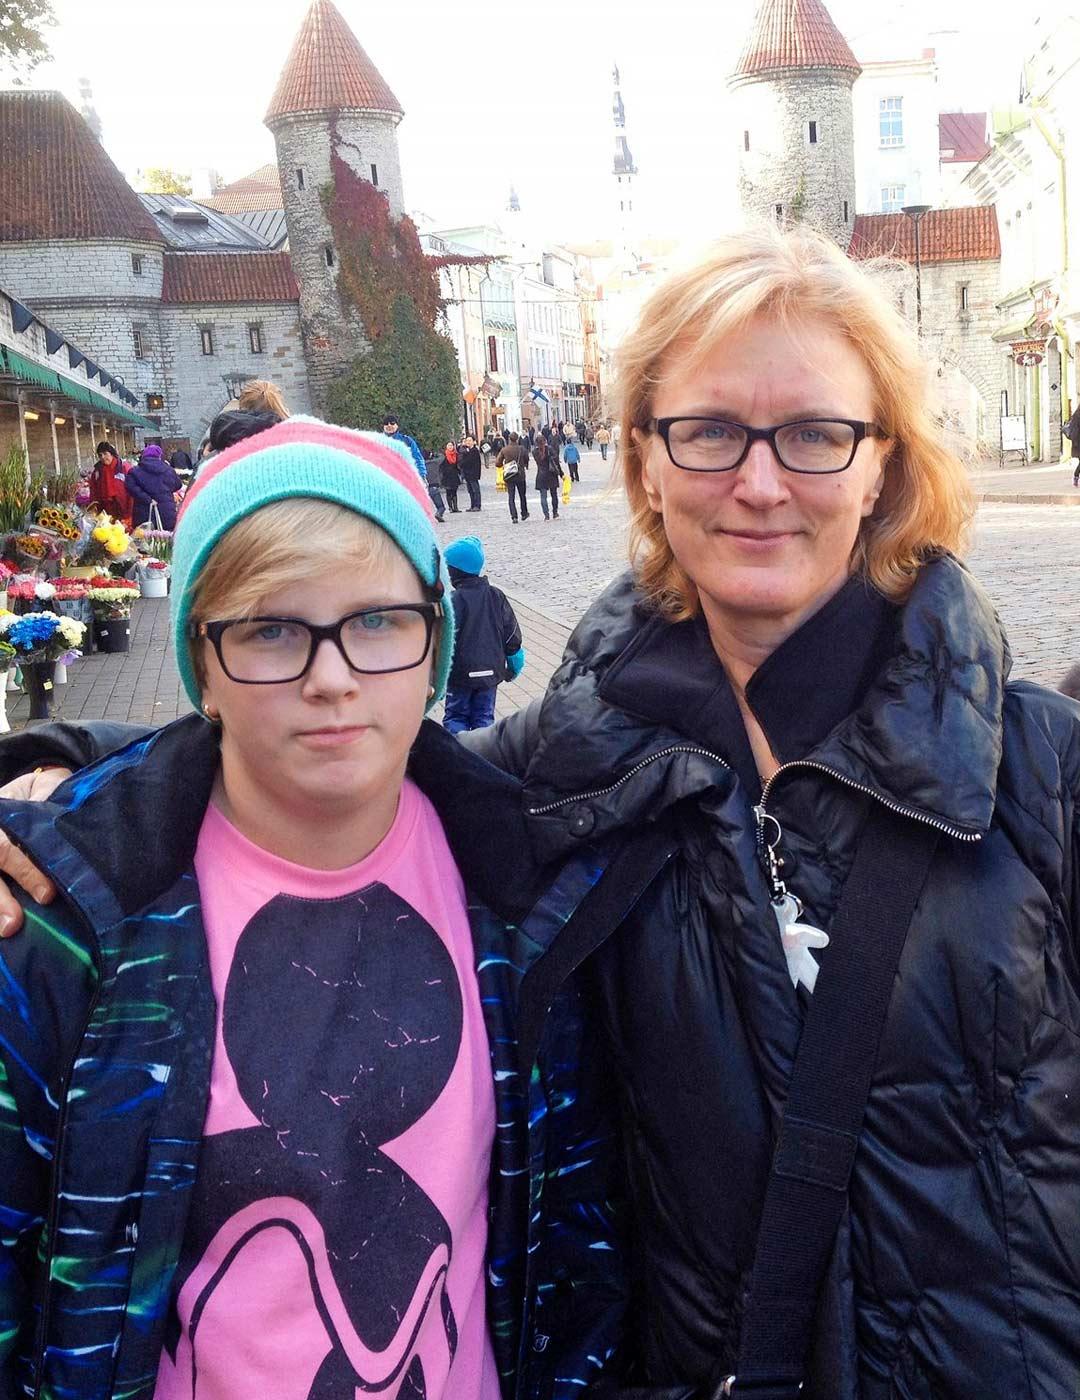 Tallinnassa vuonna 2011. Varhaisteininäkin Alina matkusti mielellään kanssani, myös kaksin.